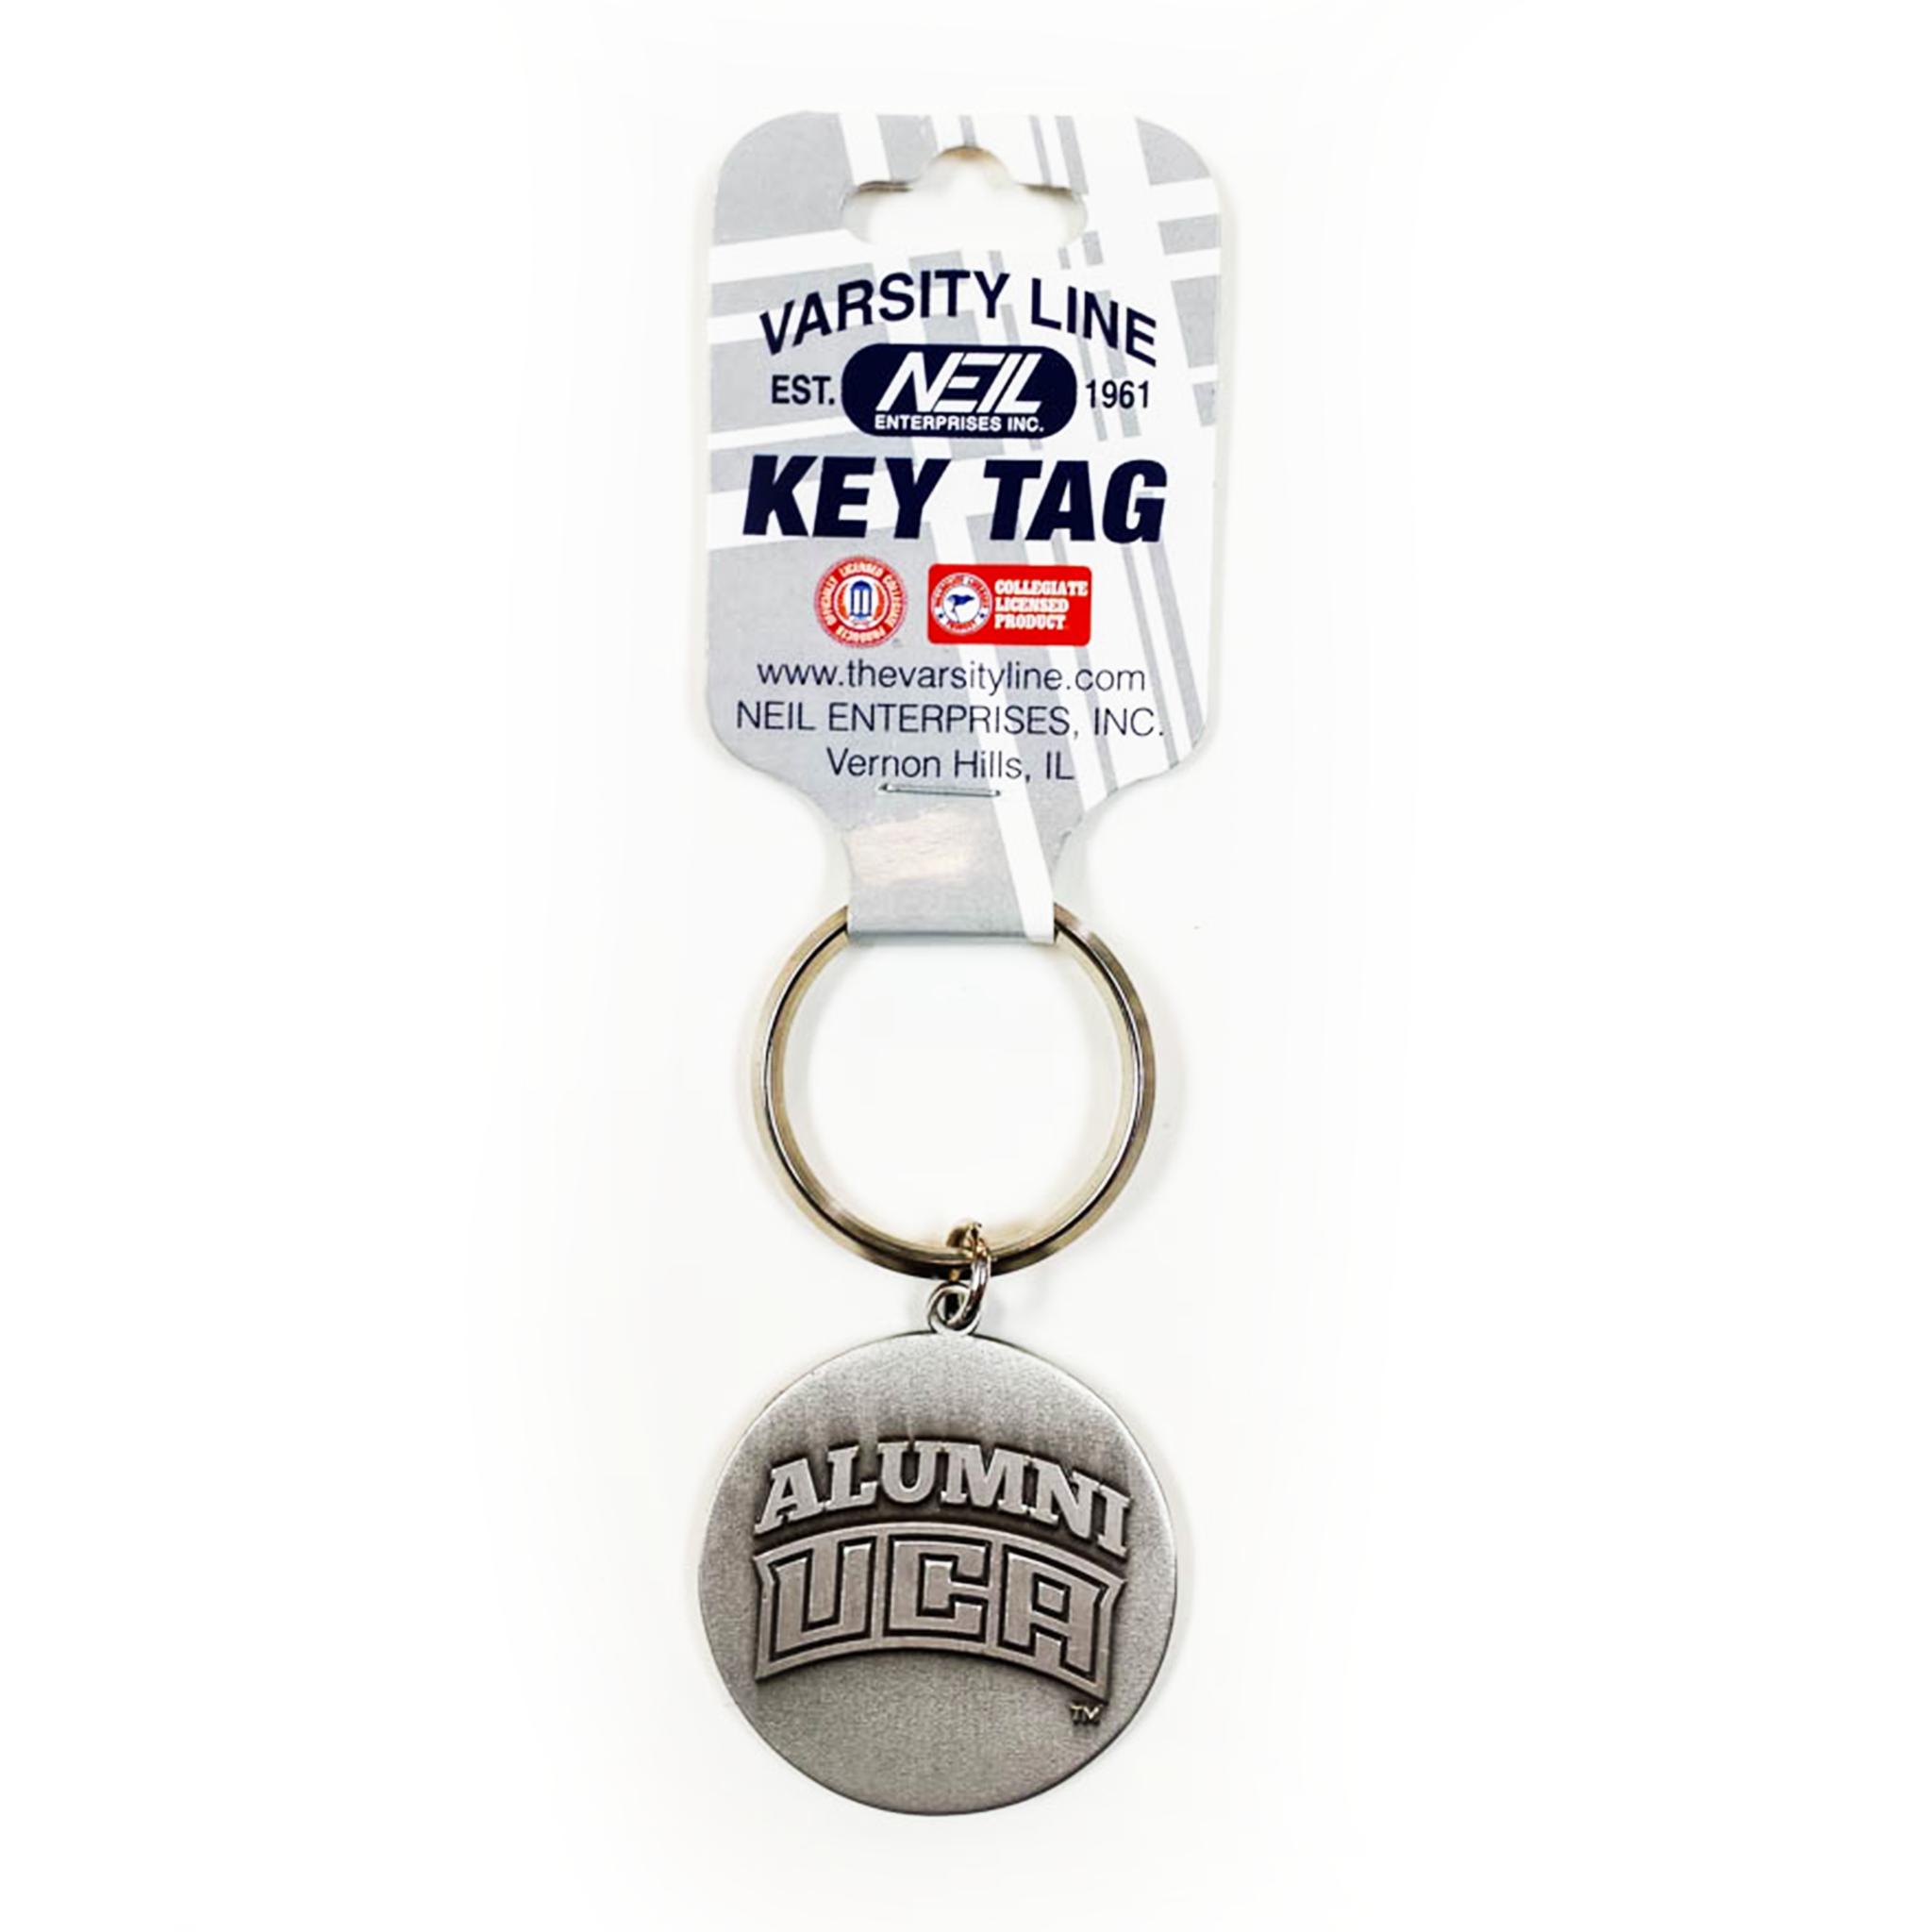 Alumni Round Keytag